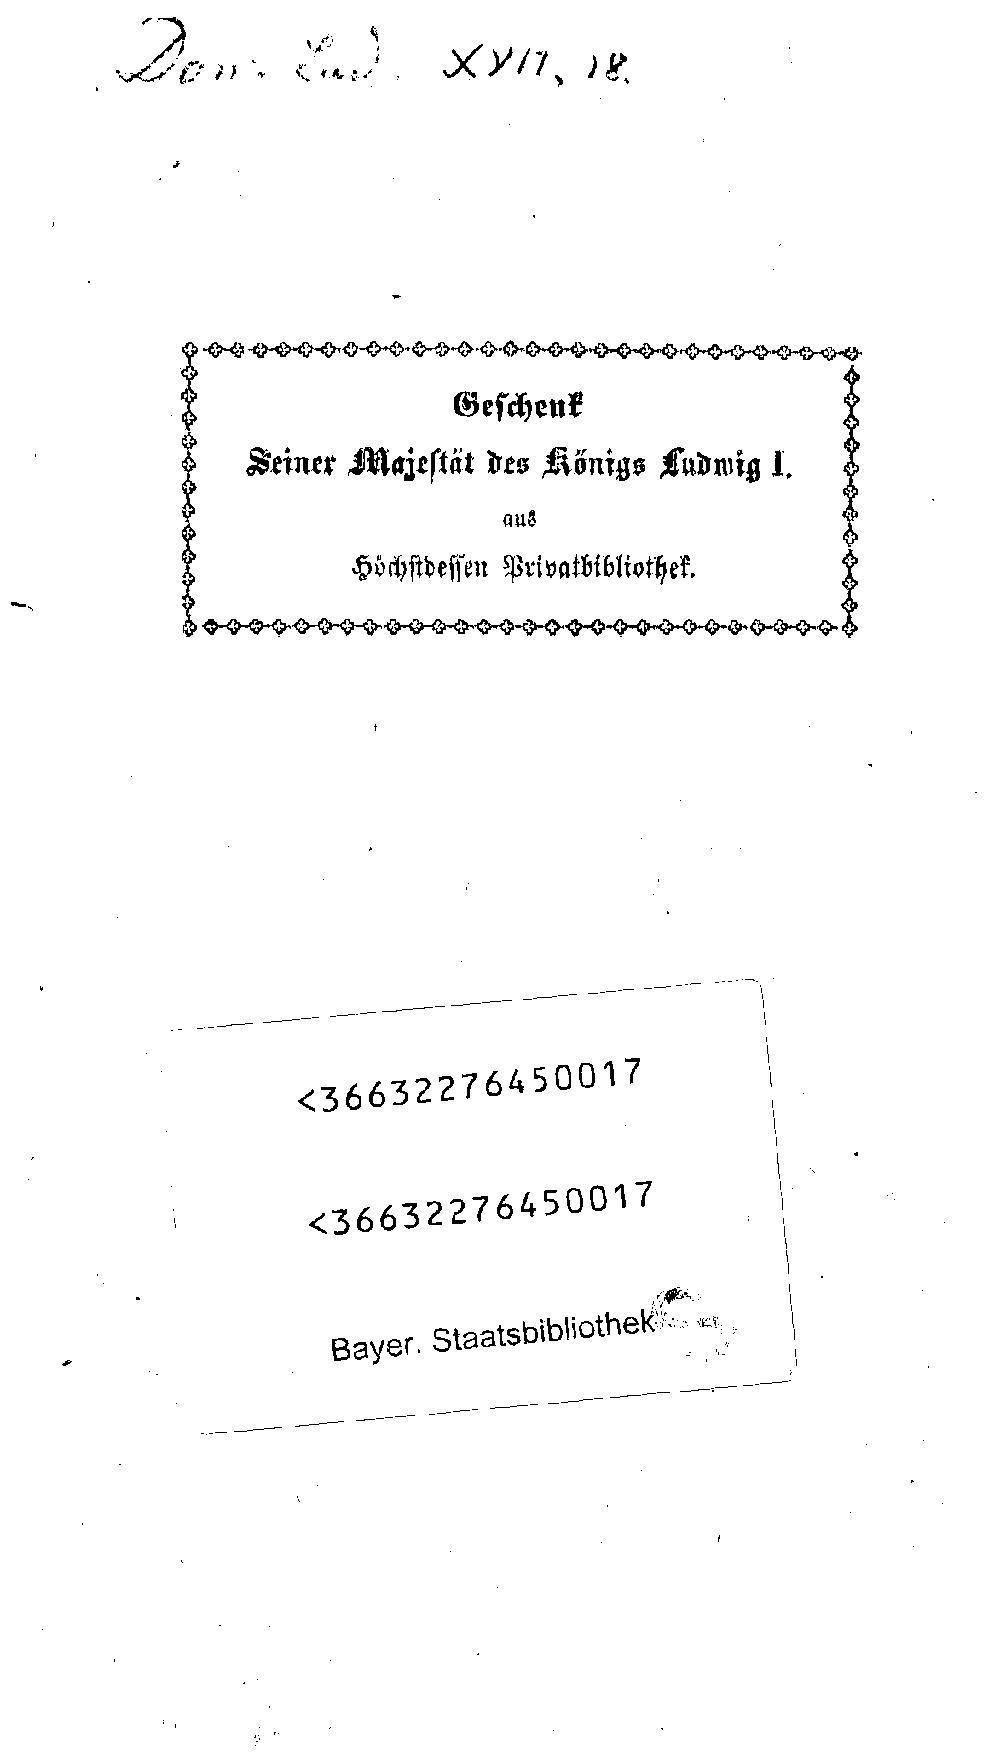 bsb00008954_00001.jpg